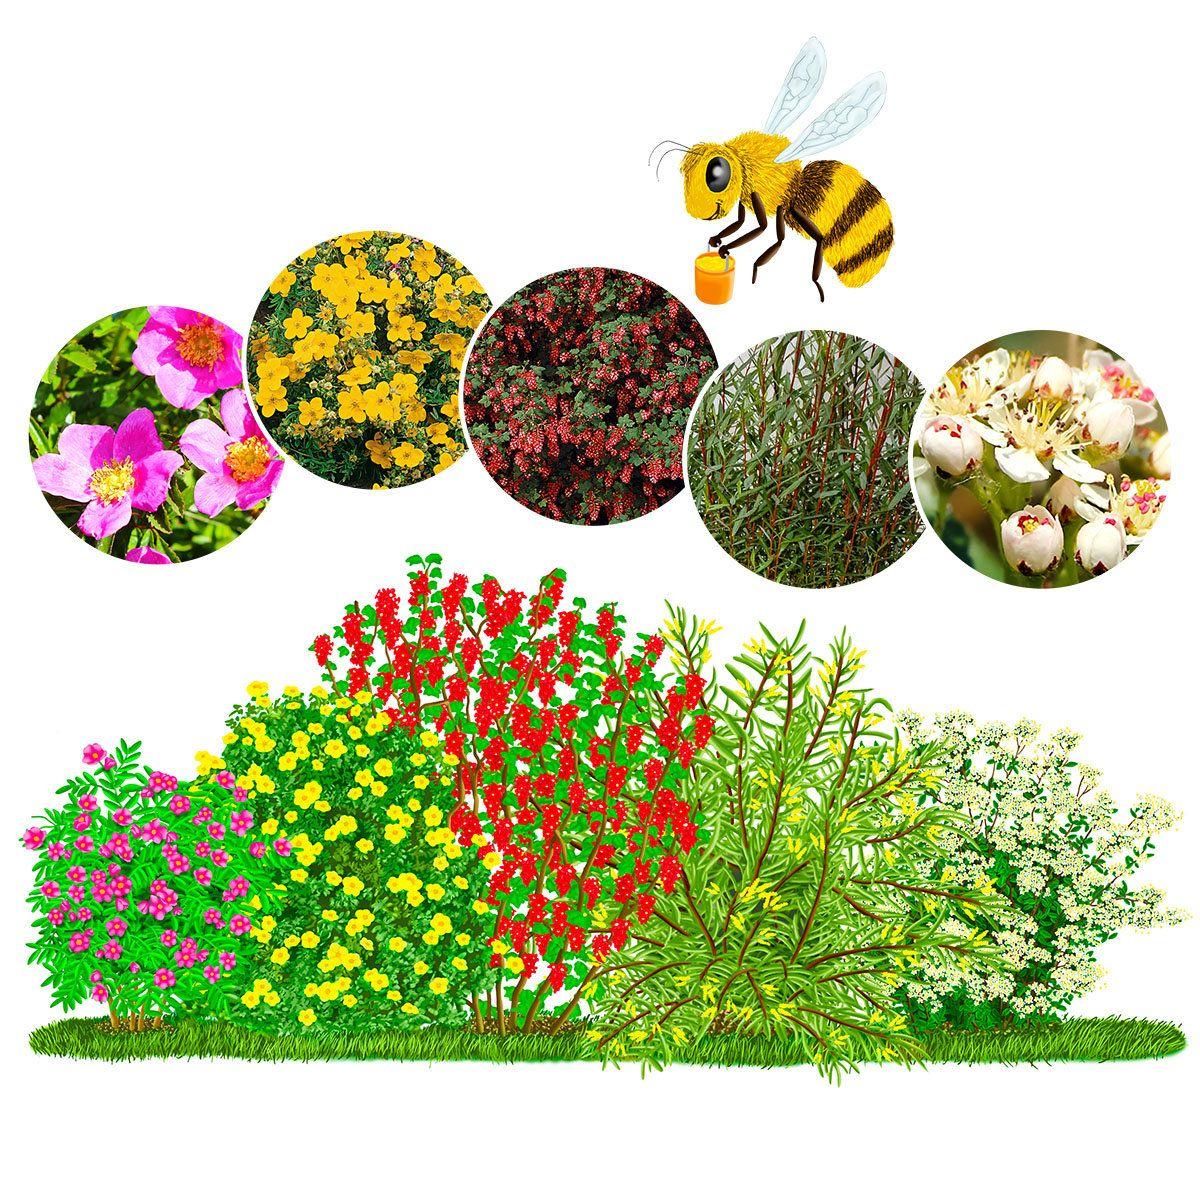 Pin Von Kathrin Wagner Auf Pflanzen: Gärtner Pötschkes Bienentankstelle